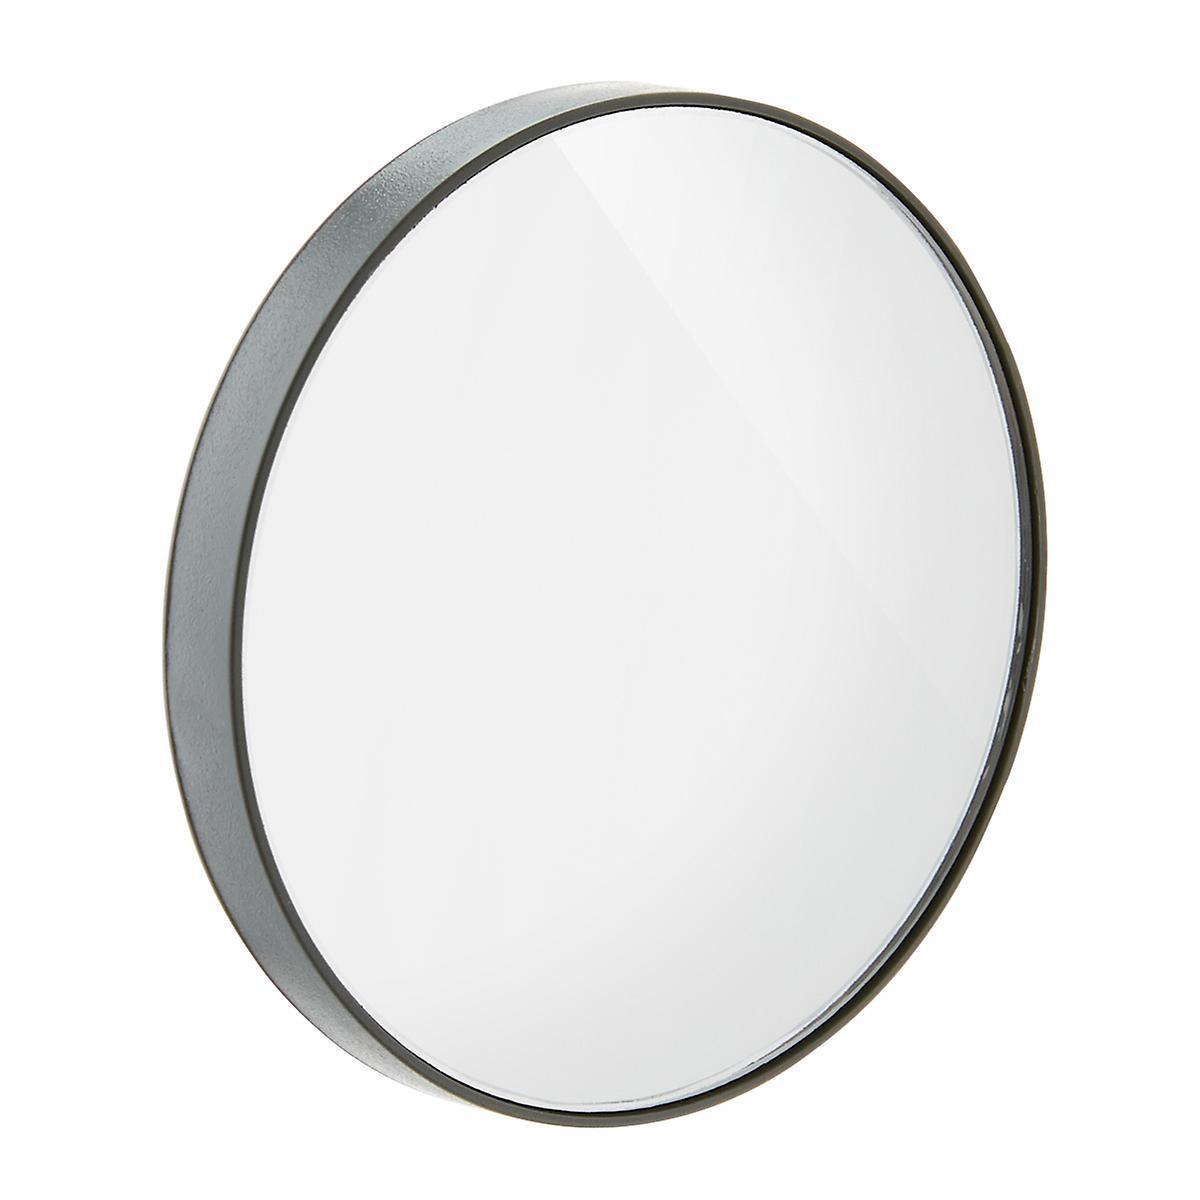 10X Spot Mirror